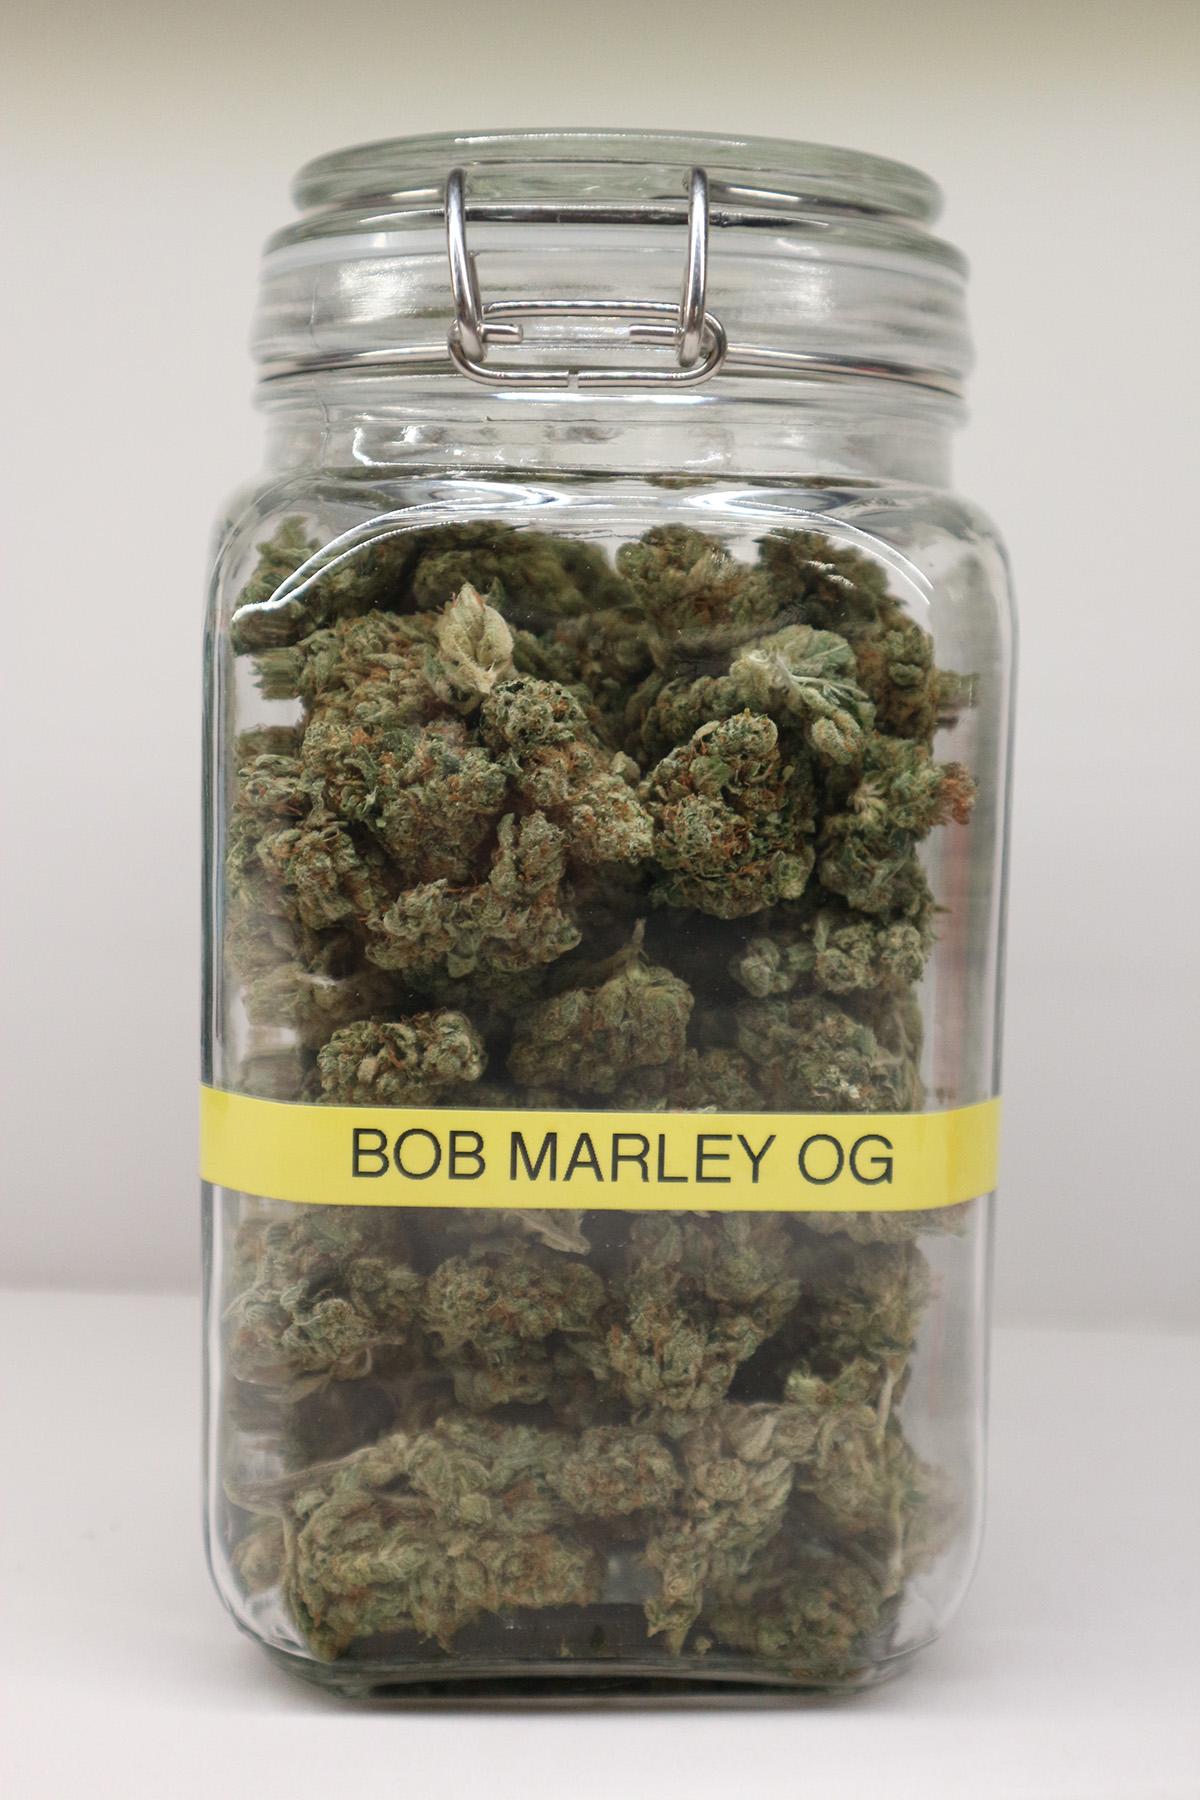 Bob Marley OG